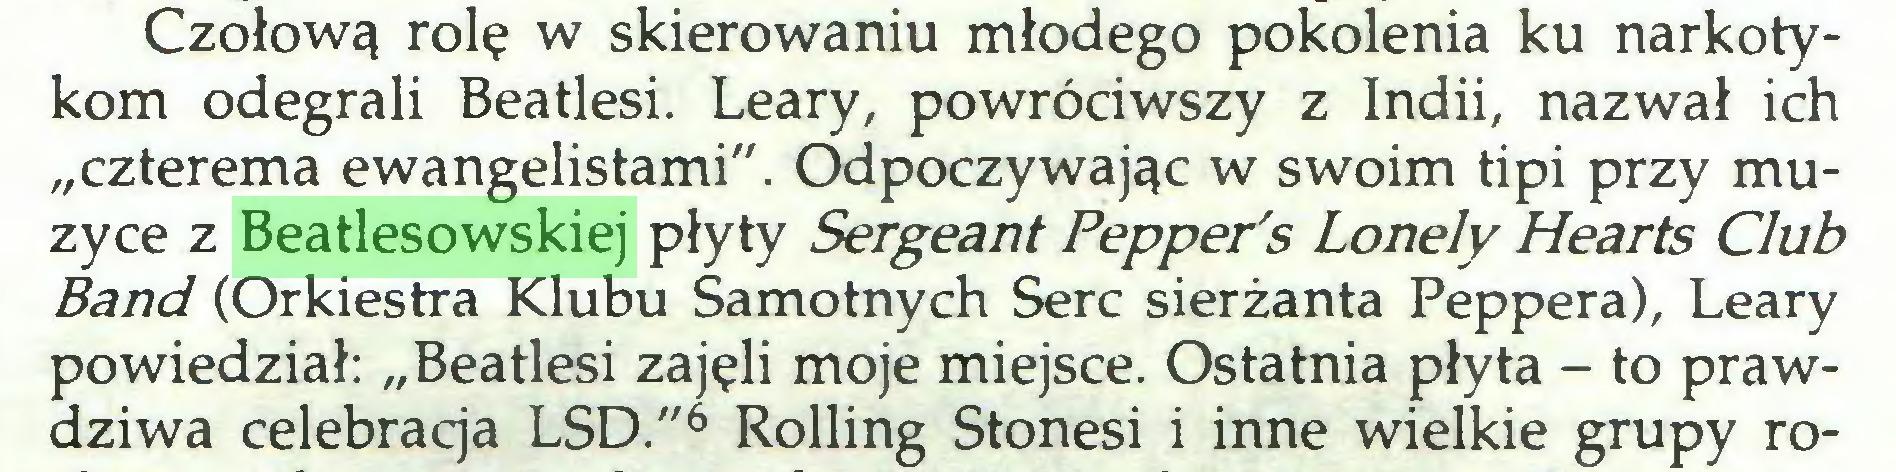 """(...) Czołową rolę w skierowaniu młodego pokolenia ku narkotykom odegrali Beatlesi. Leary, powróciwszy z Indii, nazwał ich """"czterema ewangelistami"""". Odpoczywając w swoim tipi przy muzyce z Beatlesowskiej płyty Sergeant Pepperś Lonely Hearts Club Band (Orkiestra Klubu Samotnych Serc sierżanta Peppera), Leary powiedział: """"Beatlesi zajęli moje miejsce. Ostatnia płyta - to prawdziwa celebracja LSD.""""6 Rolling Stonesi i inne wielkie grupy ro..."""